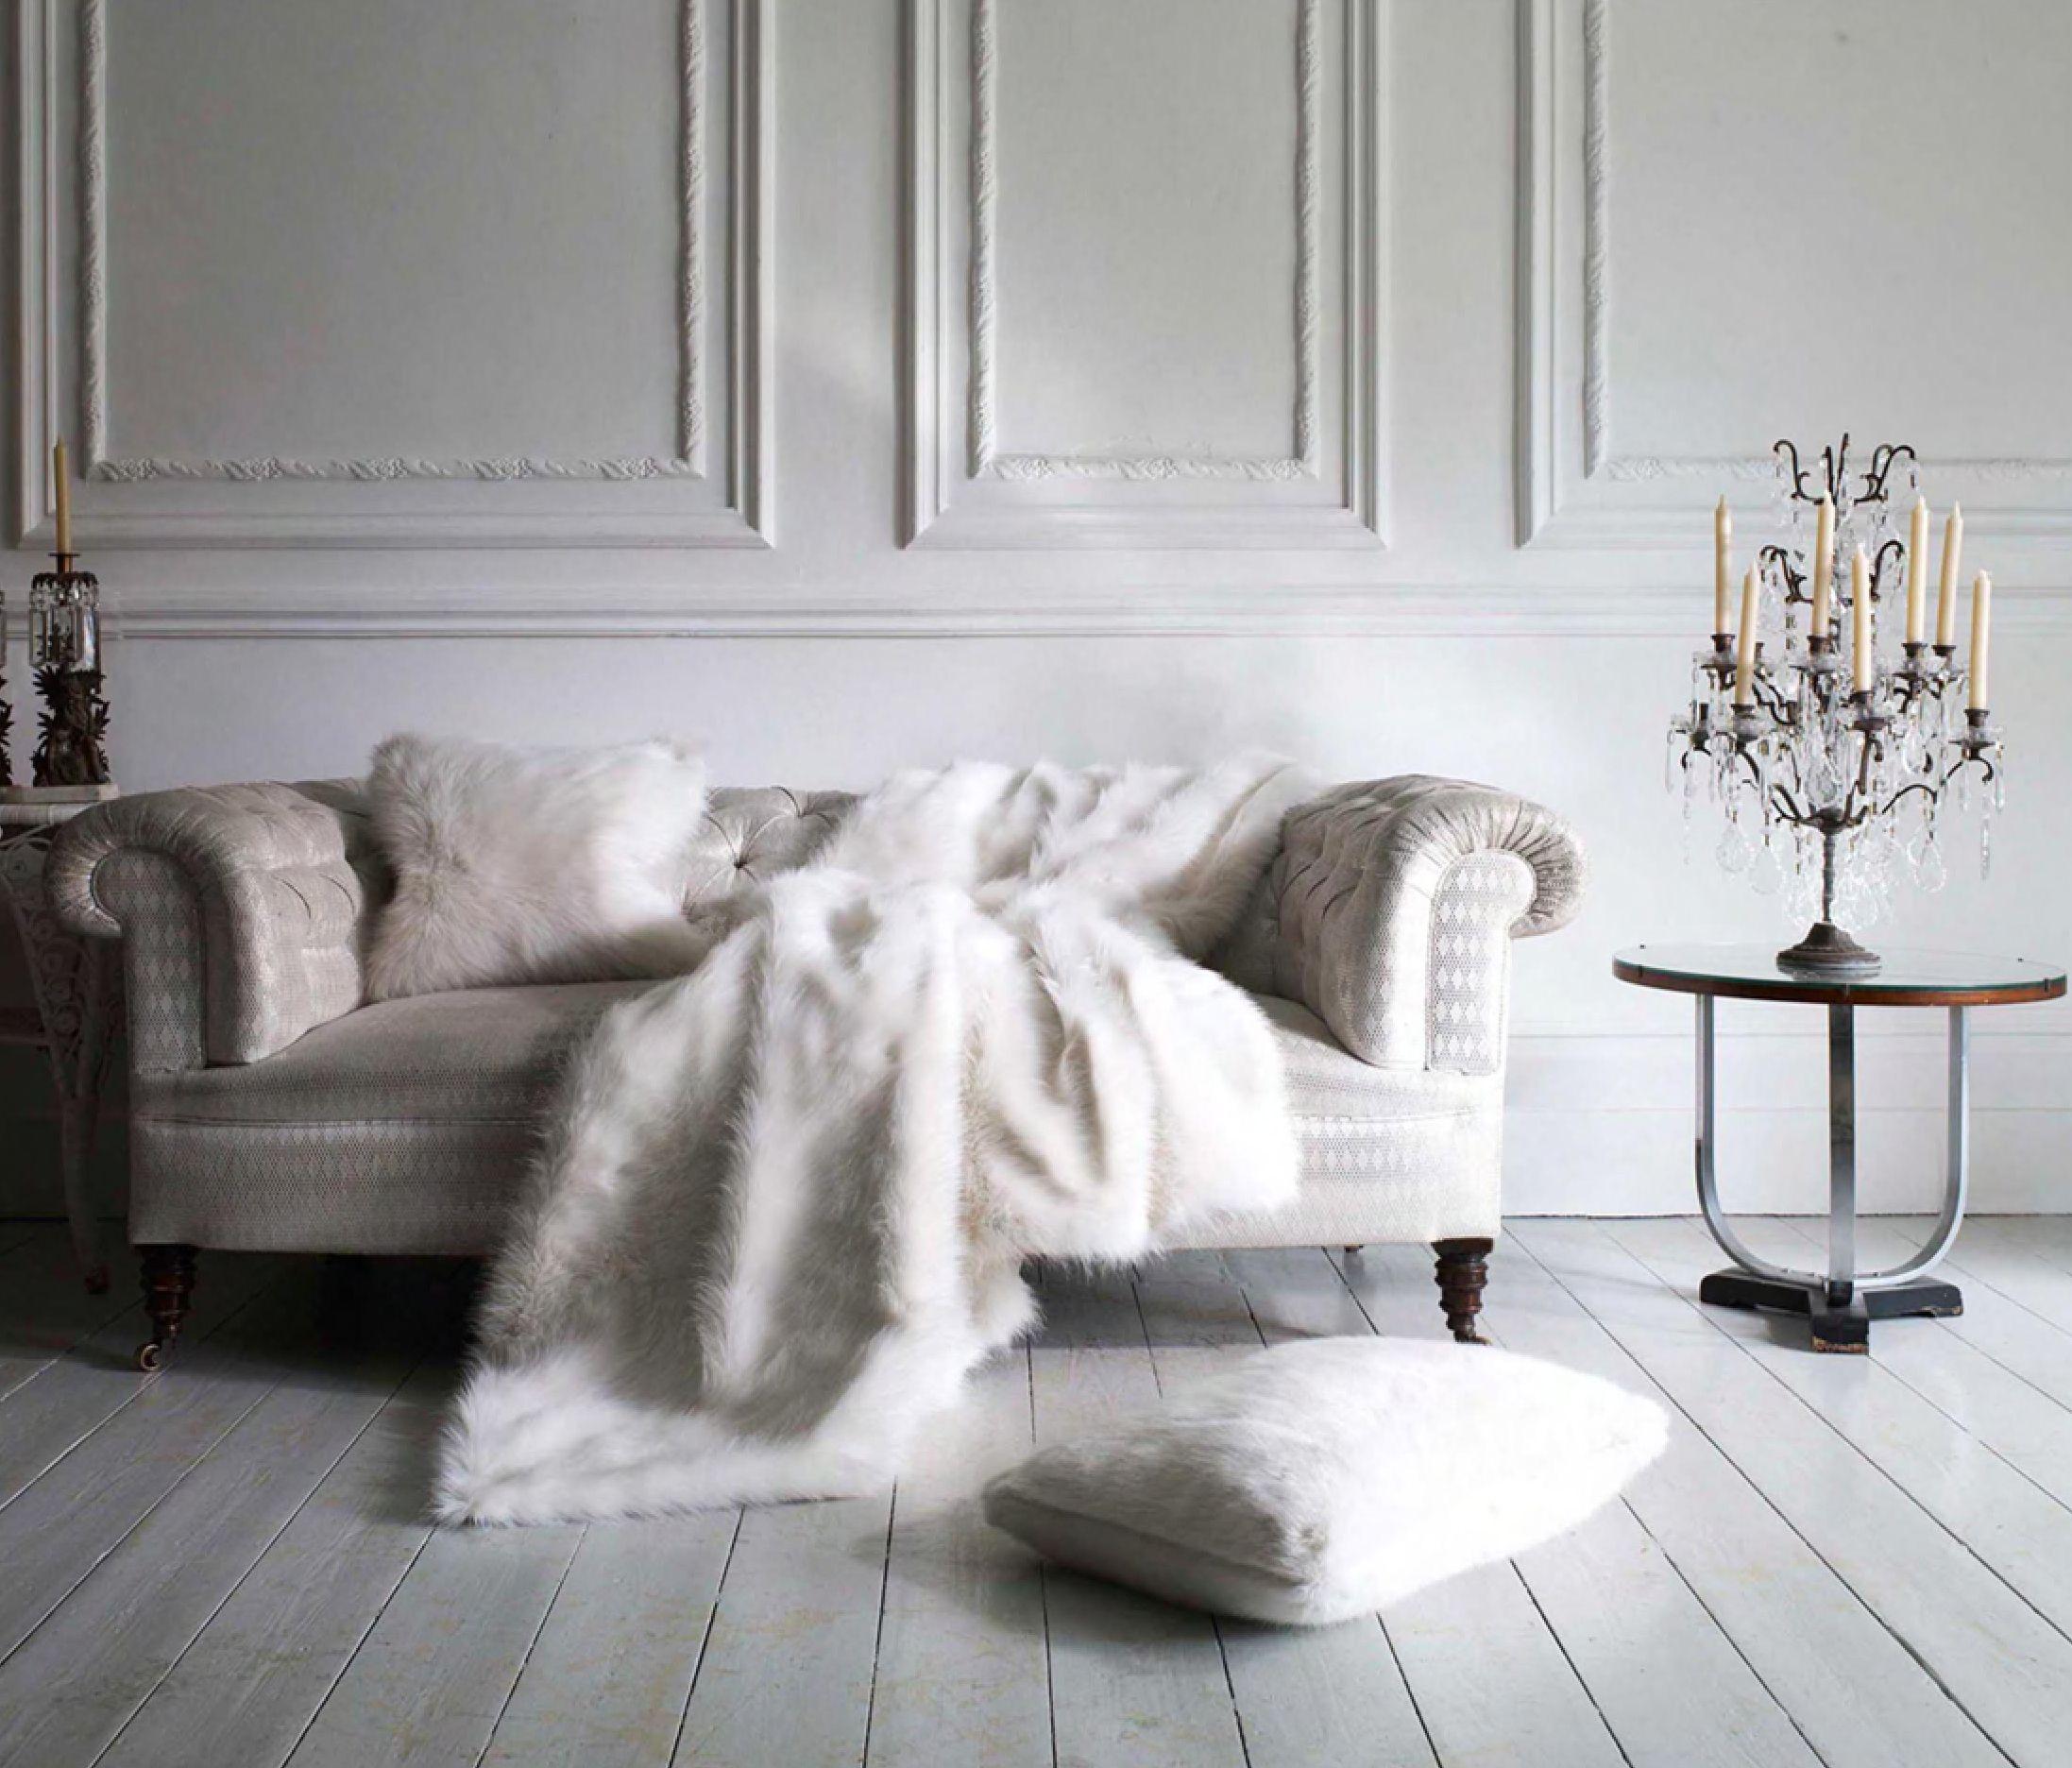 Dove Gray Home Decor Modern White Sofa With Grey Faux Fur Throws European Home Decor Grey Home Decor Modern White Sofa